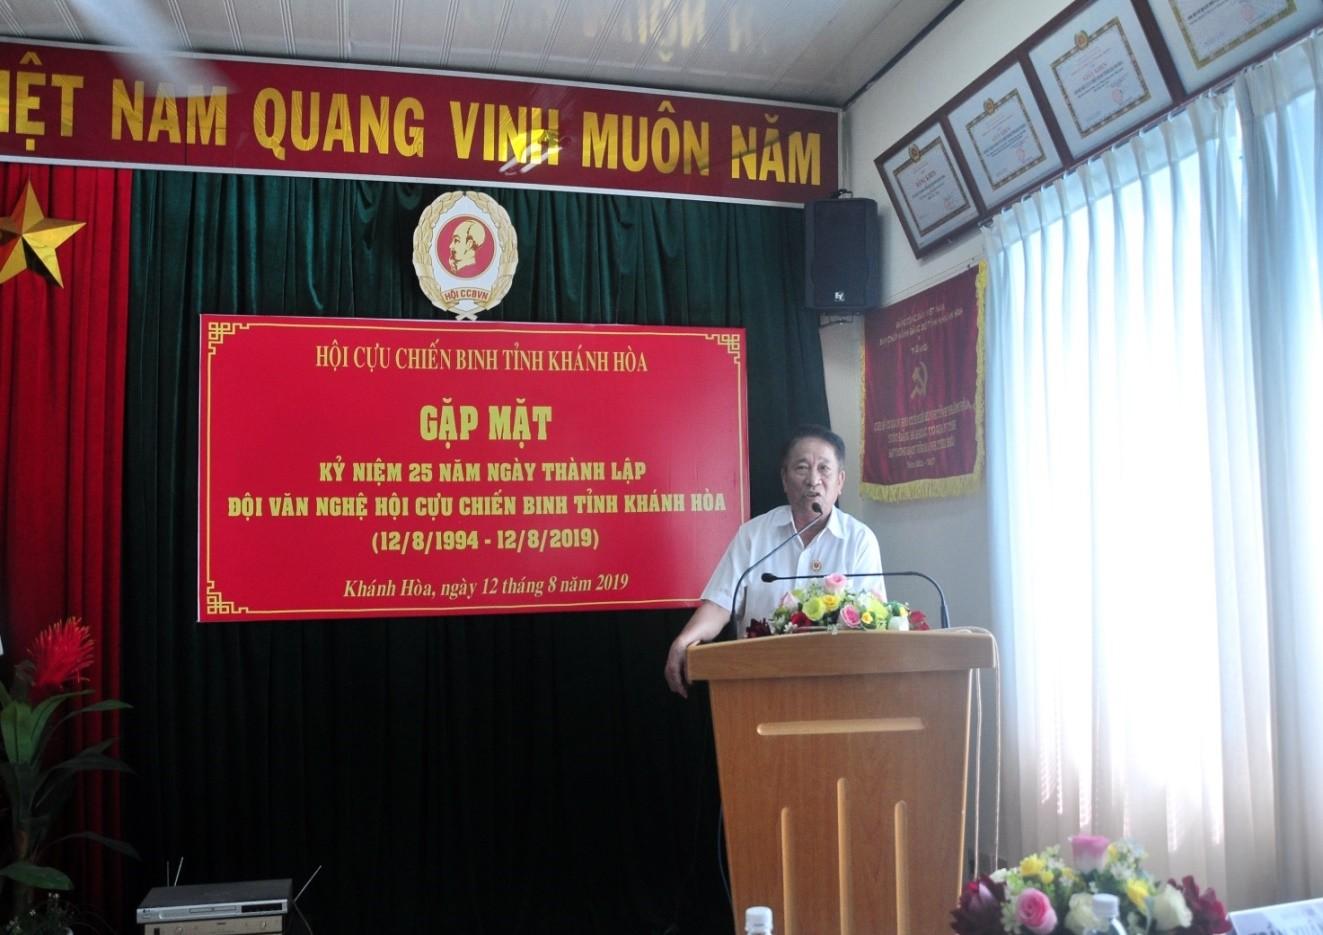 Đại Tá Trần Văn Hạnh, Chủ tịch Hội Cựu Chiến Binh Khánh hòa phát biểu tại Lễ Kỷ niệm